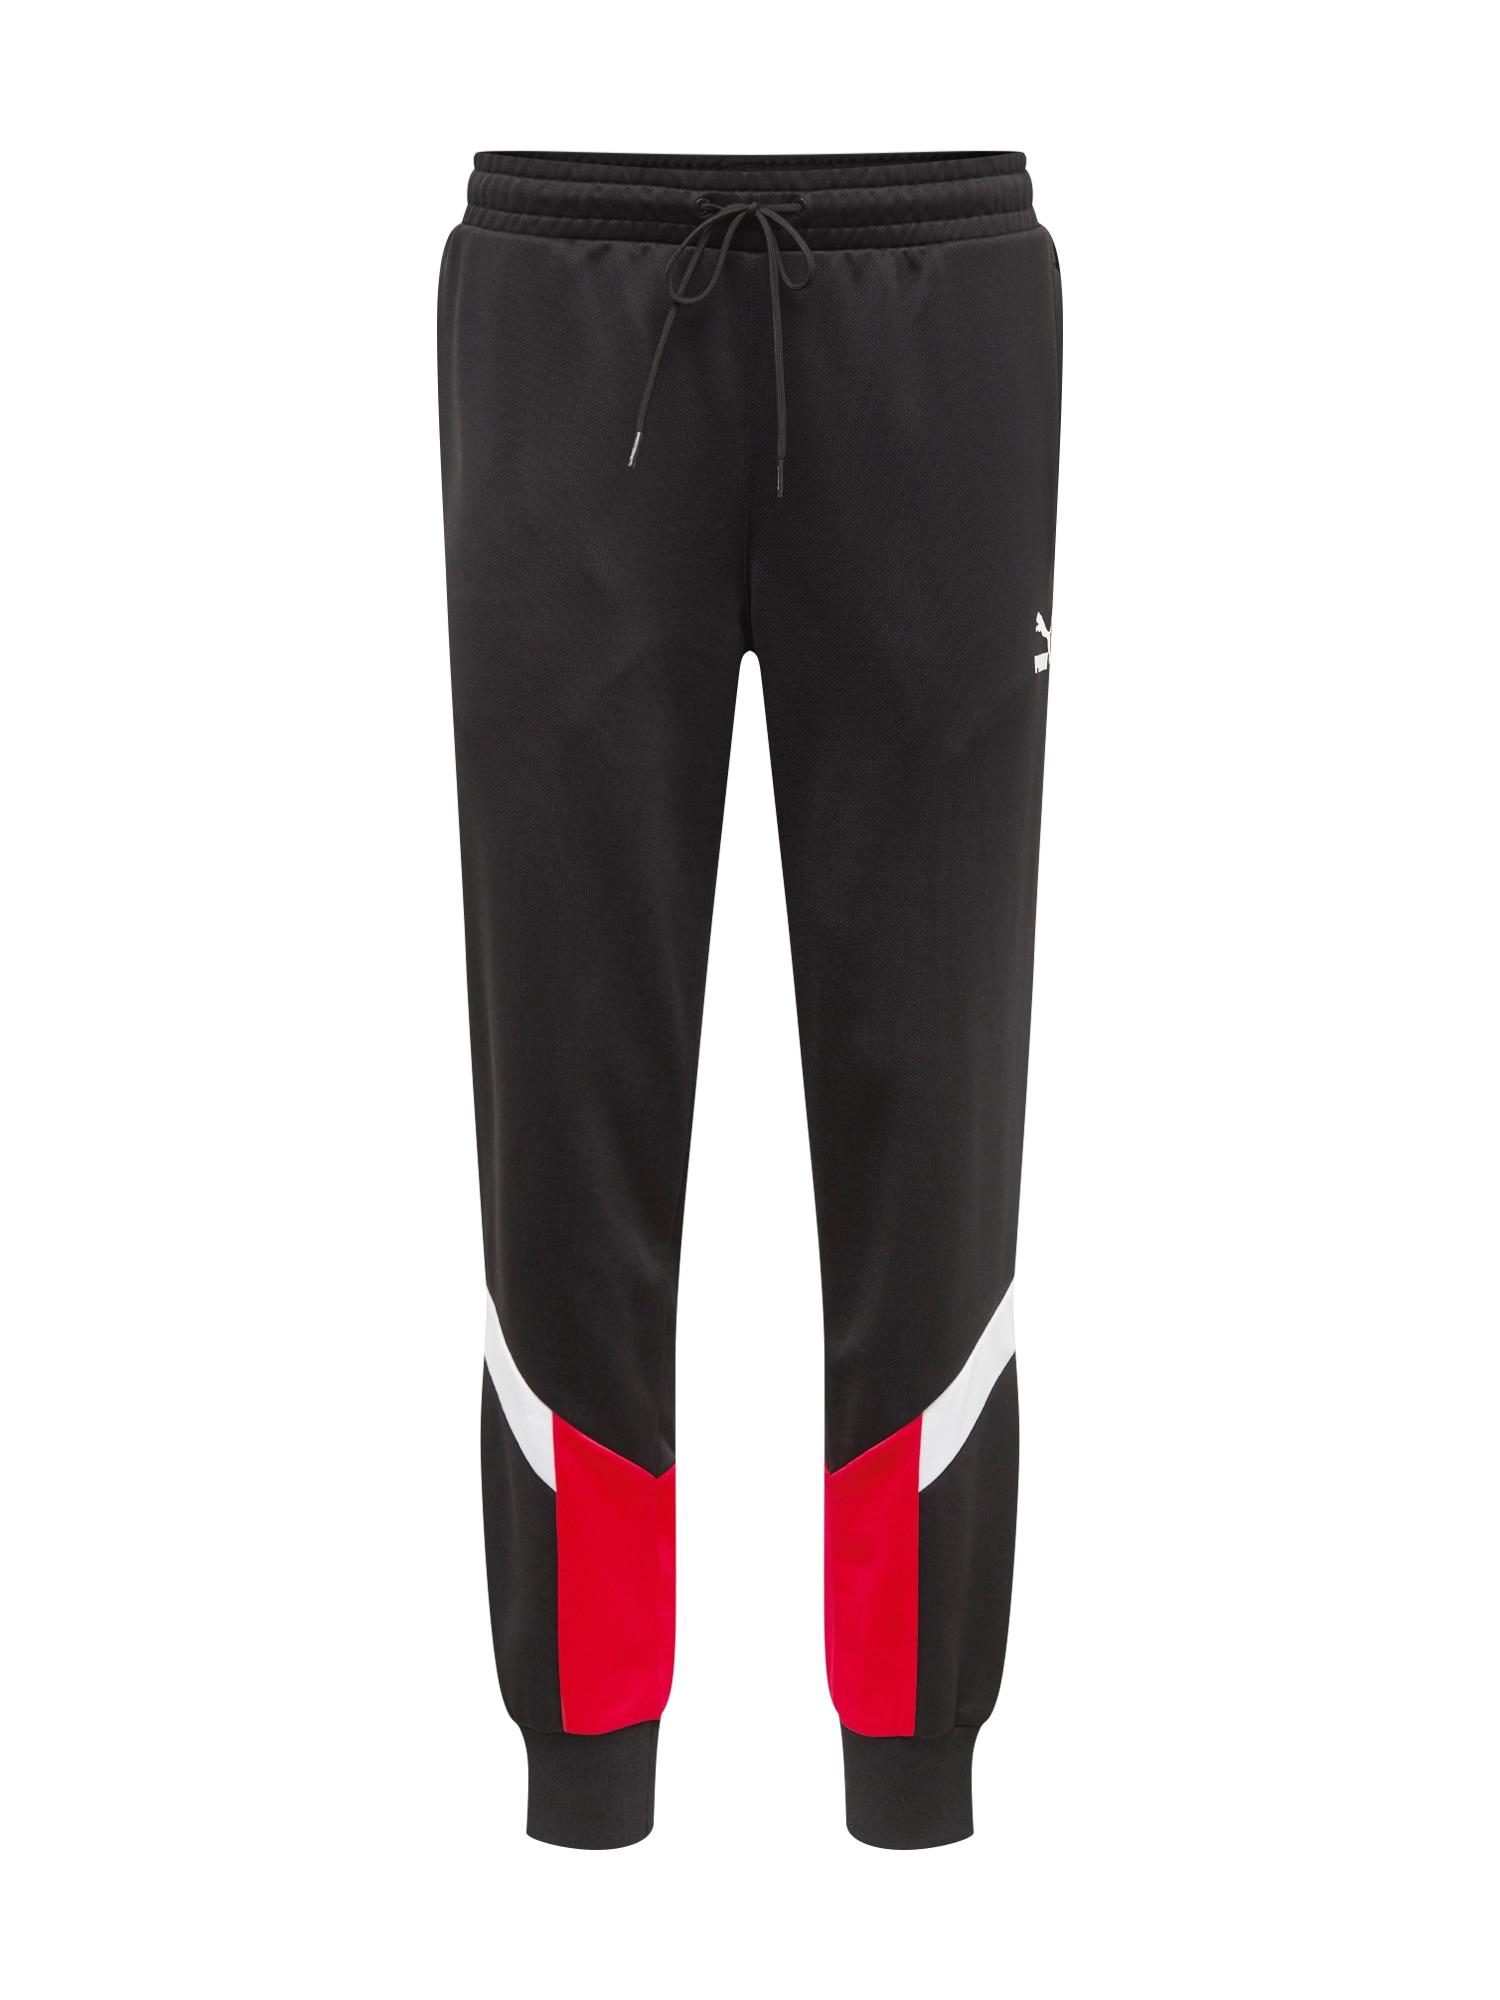 Kalhoty Iconic MCS Cuff červená černá bílá PUMA